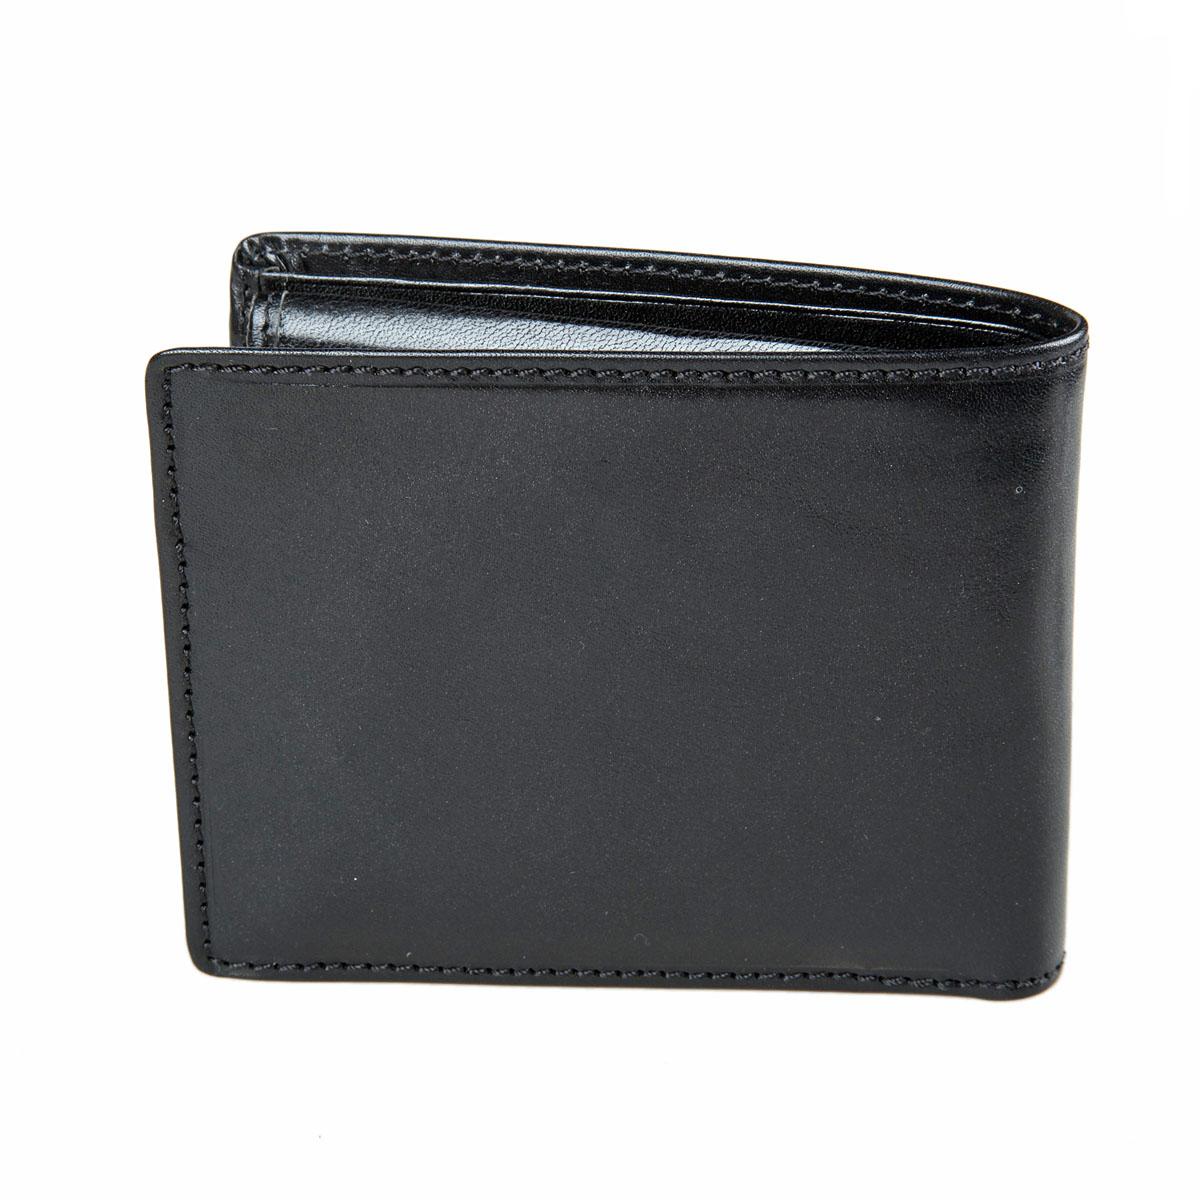 Портмоне мужское Gianni Conti, цвет: черный. 907023907023Стильное мужское портмоне Gianni Conti выполнено из натуральной кожи. Лицевая сторона оформлена тиснением в виде названия бренда производителя. Изделие раскладывается пополам. Внутри имеется два отделения для купюр, четыре потайных кармана, карман для мелочи на кнопке, семь кармашков для визиток и пластиковых карт и сетчатый карман. Портмоне упаковано в фирменную картонную коробку. Оригинальное портмоне подчеркнет вашу индивидуальность и изысканный вкус, а также станет замечательным подарком человеку, ценящему качественные и практичные вещи.